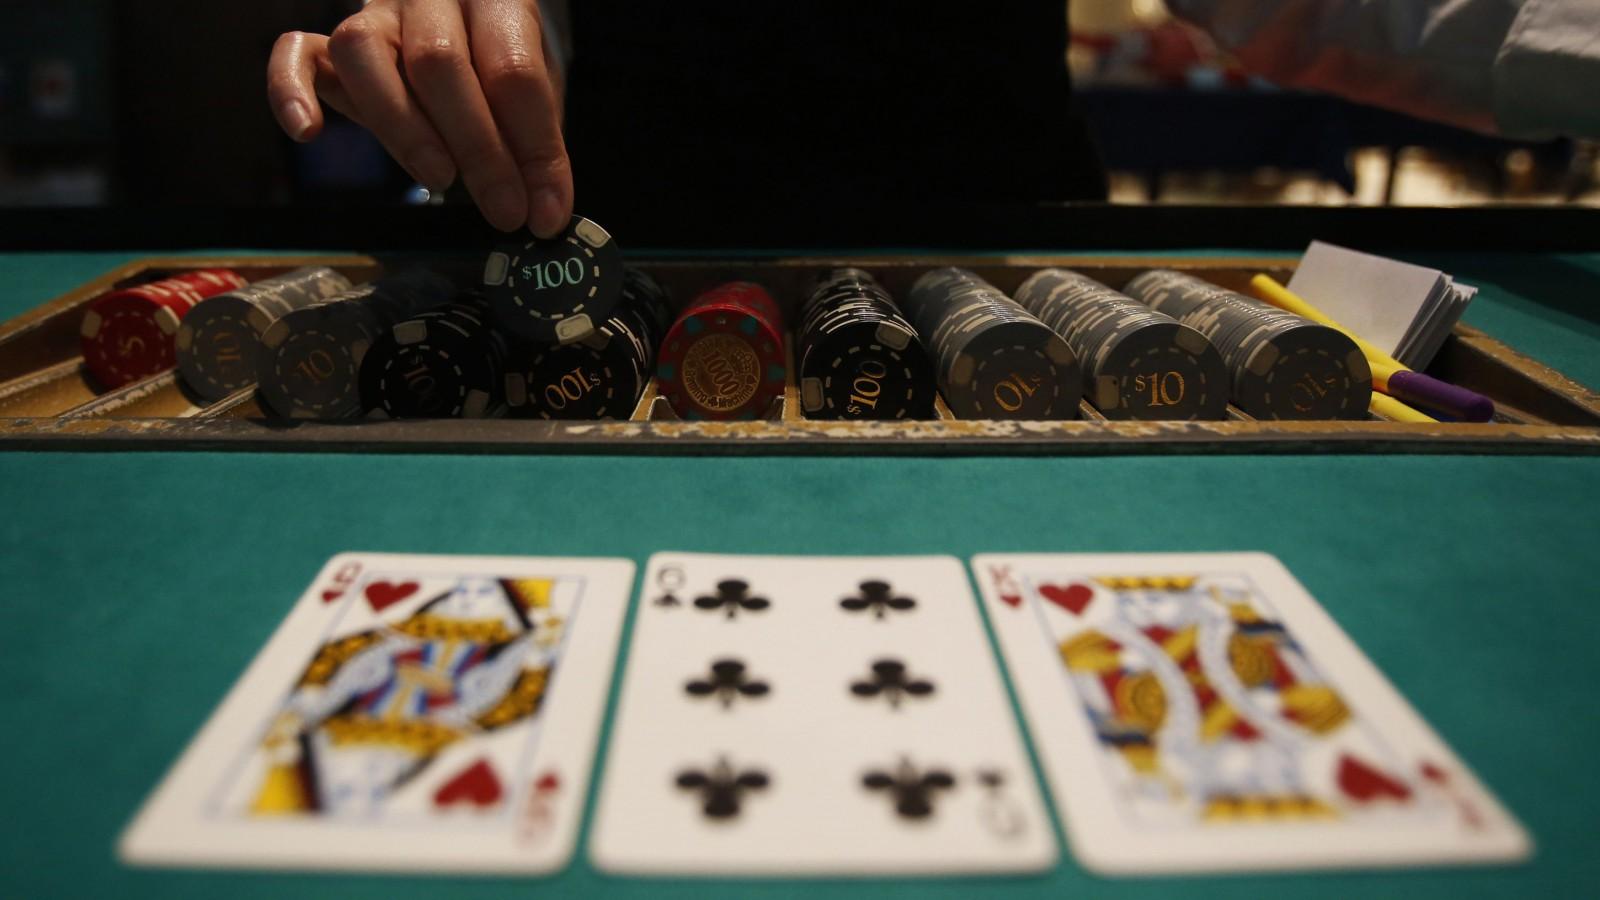 A dealer picks up chips on a mock black jack casino table